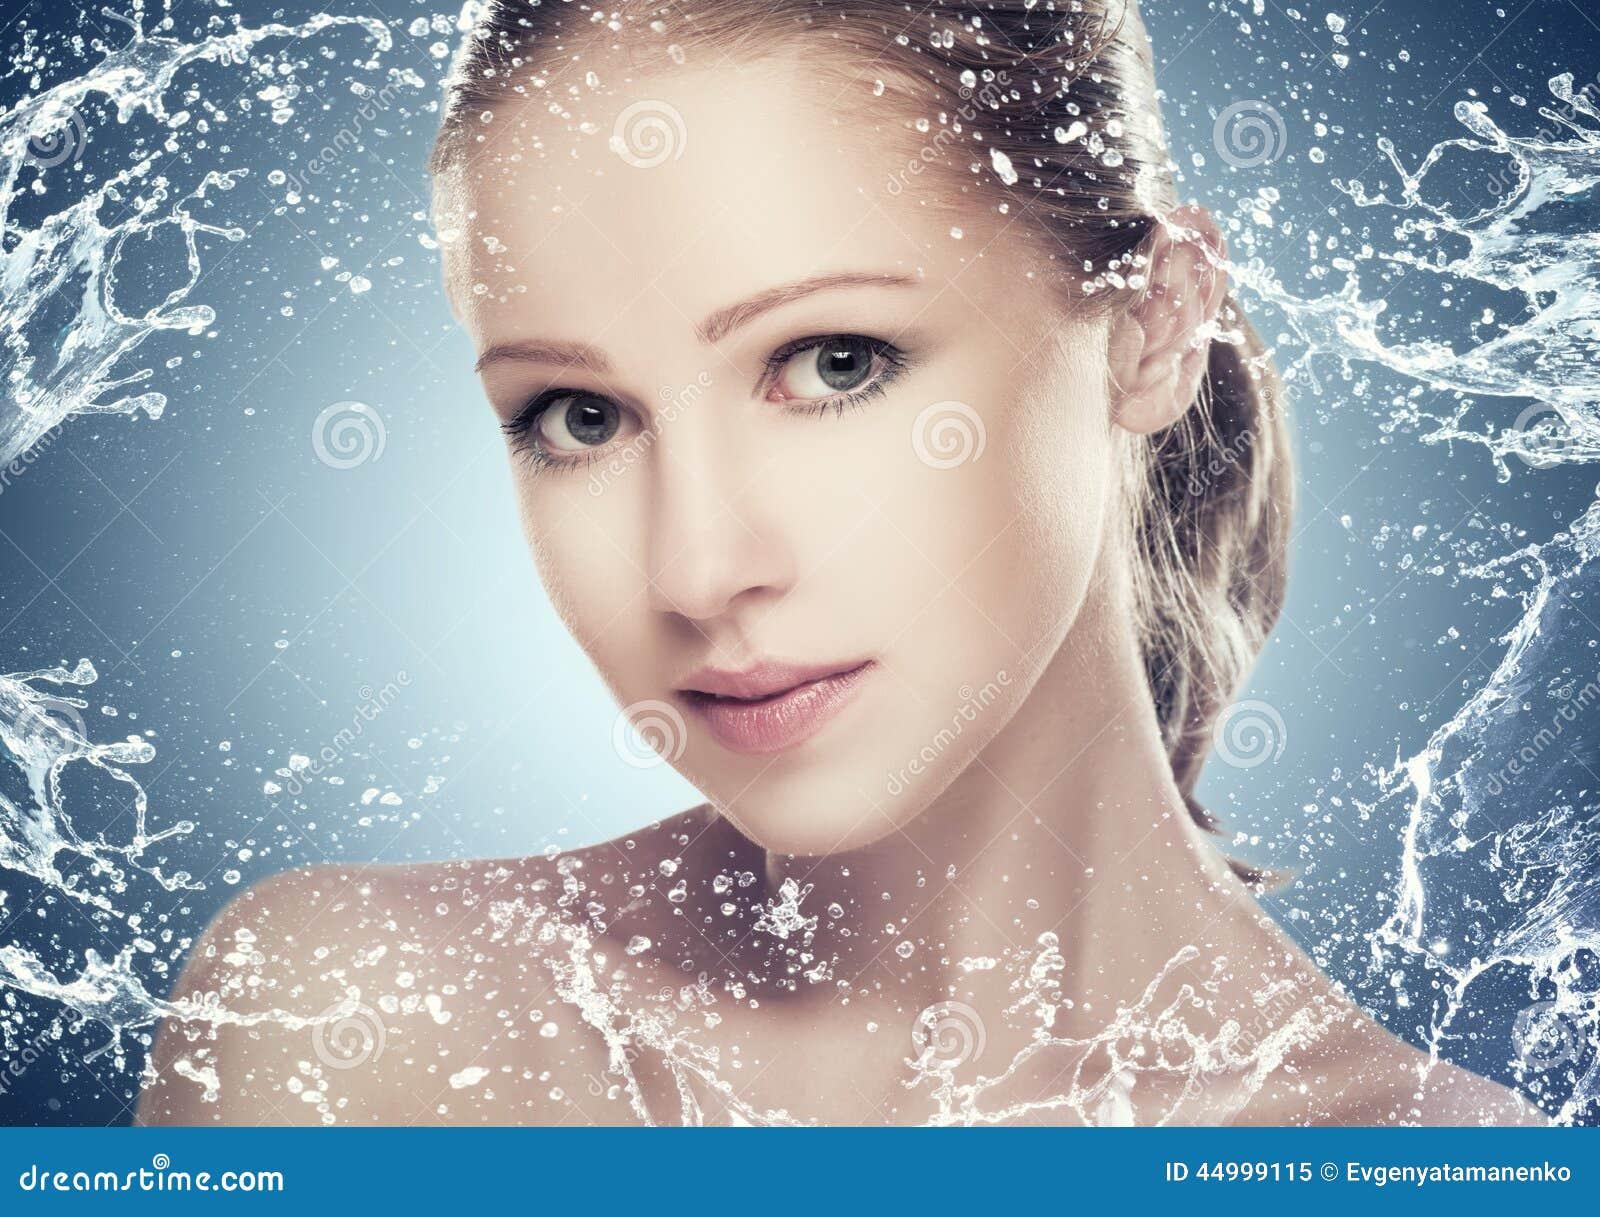 Os cuidados com a pele da beleza do conceito, cara da menina bonita com espirram e água